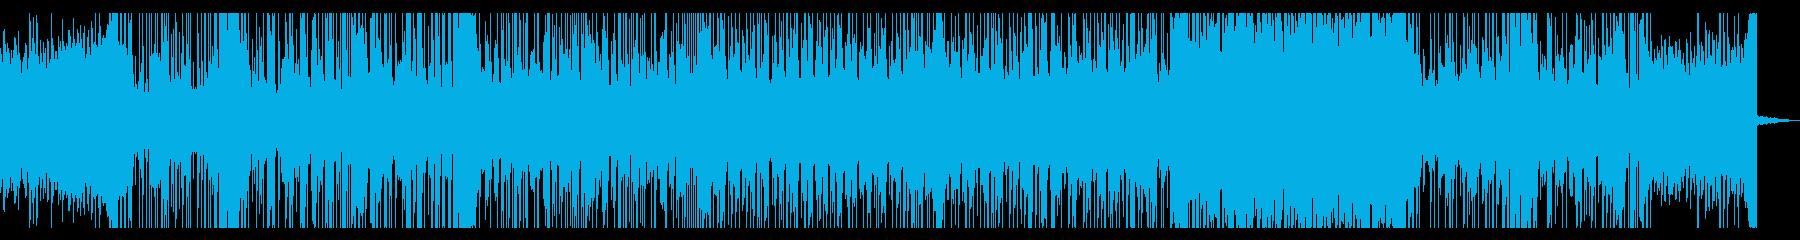 不穏なイントロと力強いドラムが印象的な曲の再生済みの波形